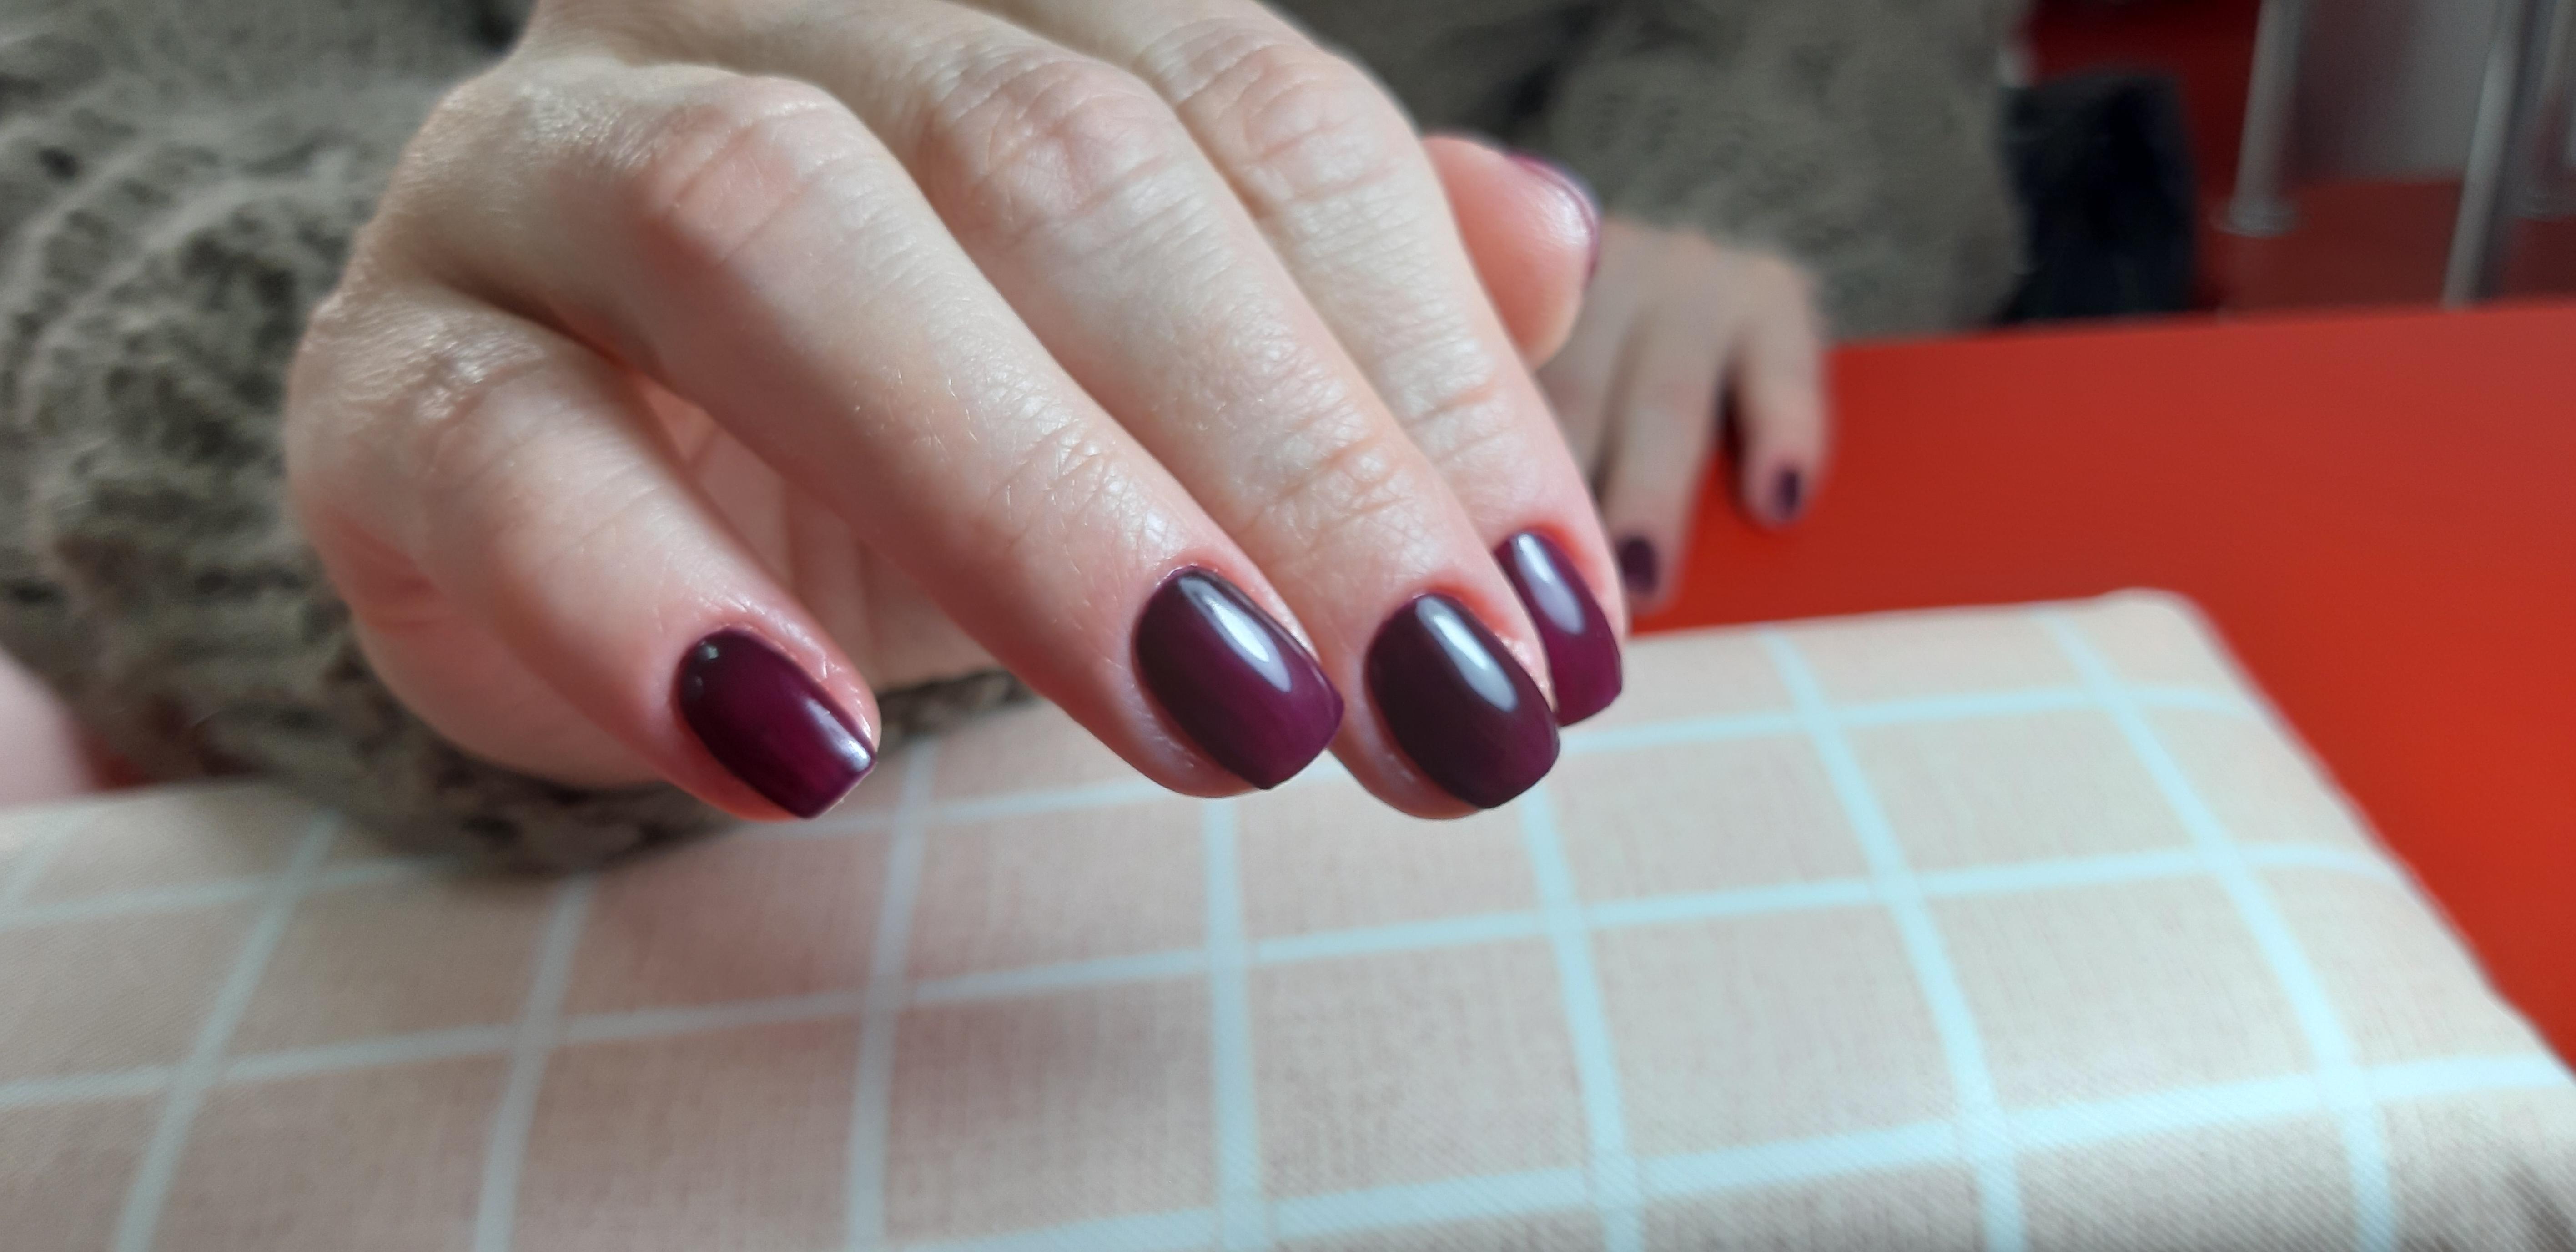 Маникюр в баклажановом цвете на короткие ногти.